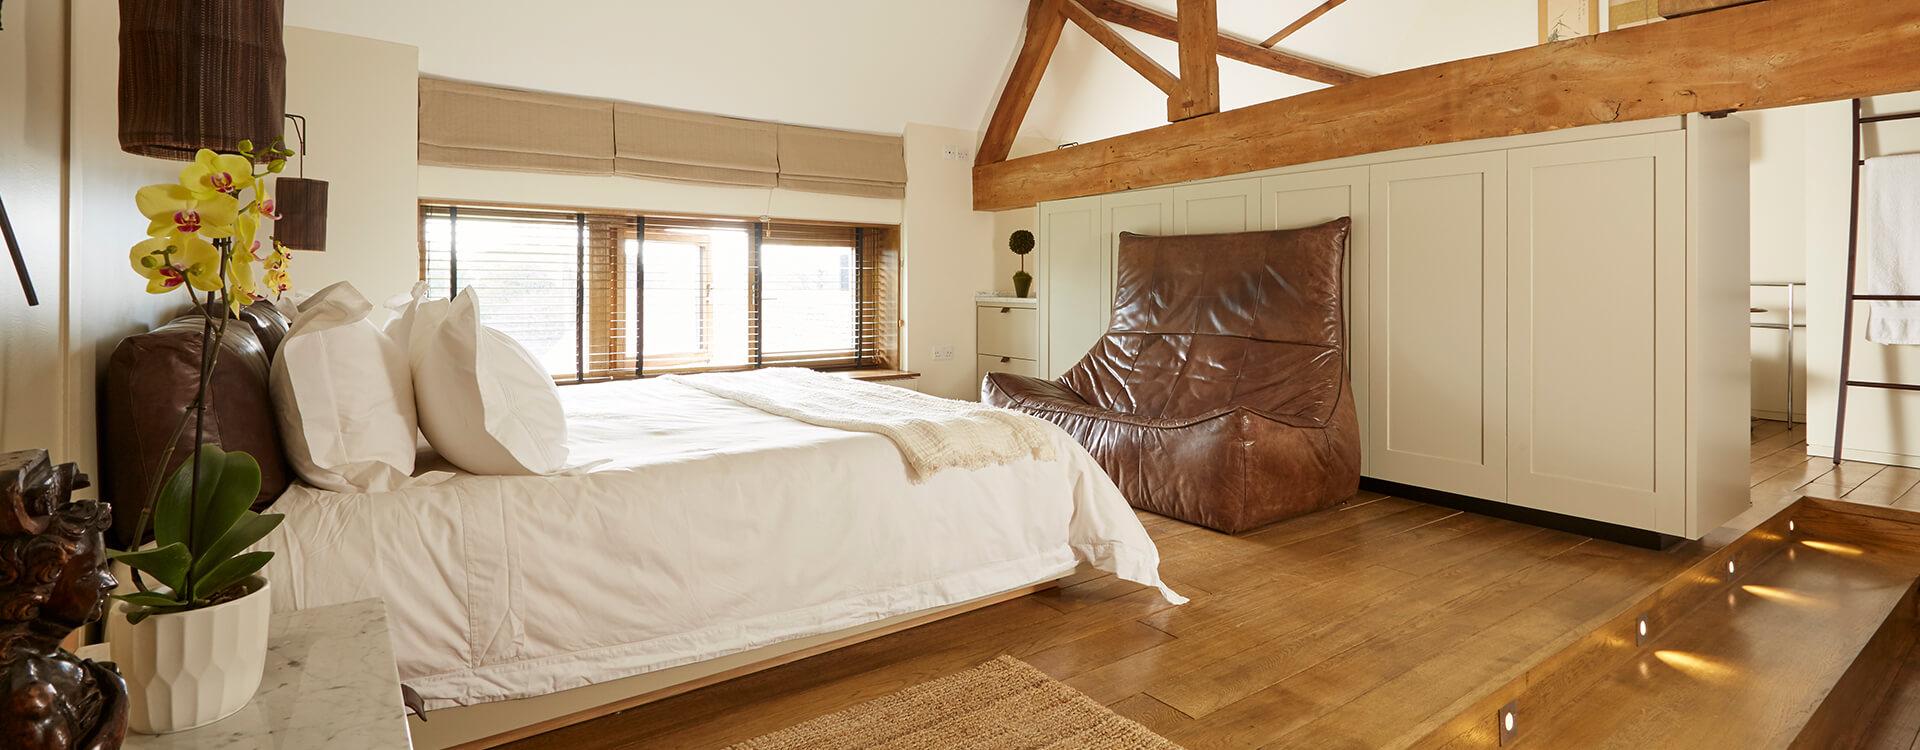 EN_FS_CS_Photo_Whistlers-Barn_Bedroom.jpg